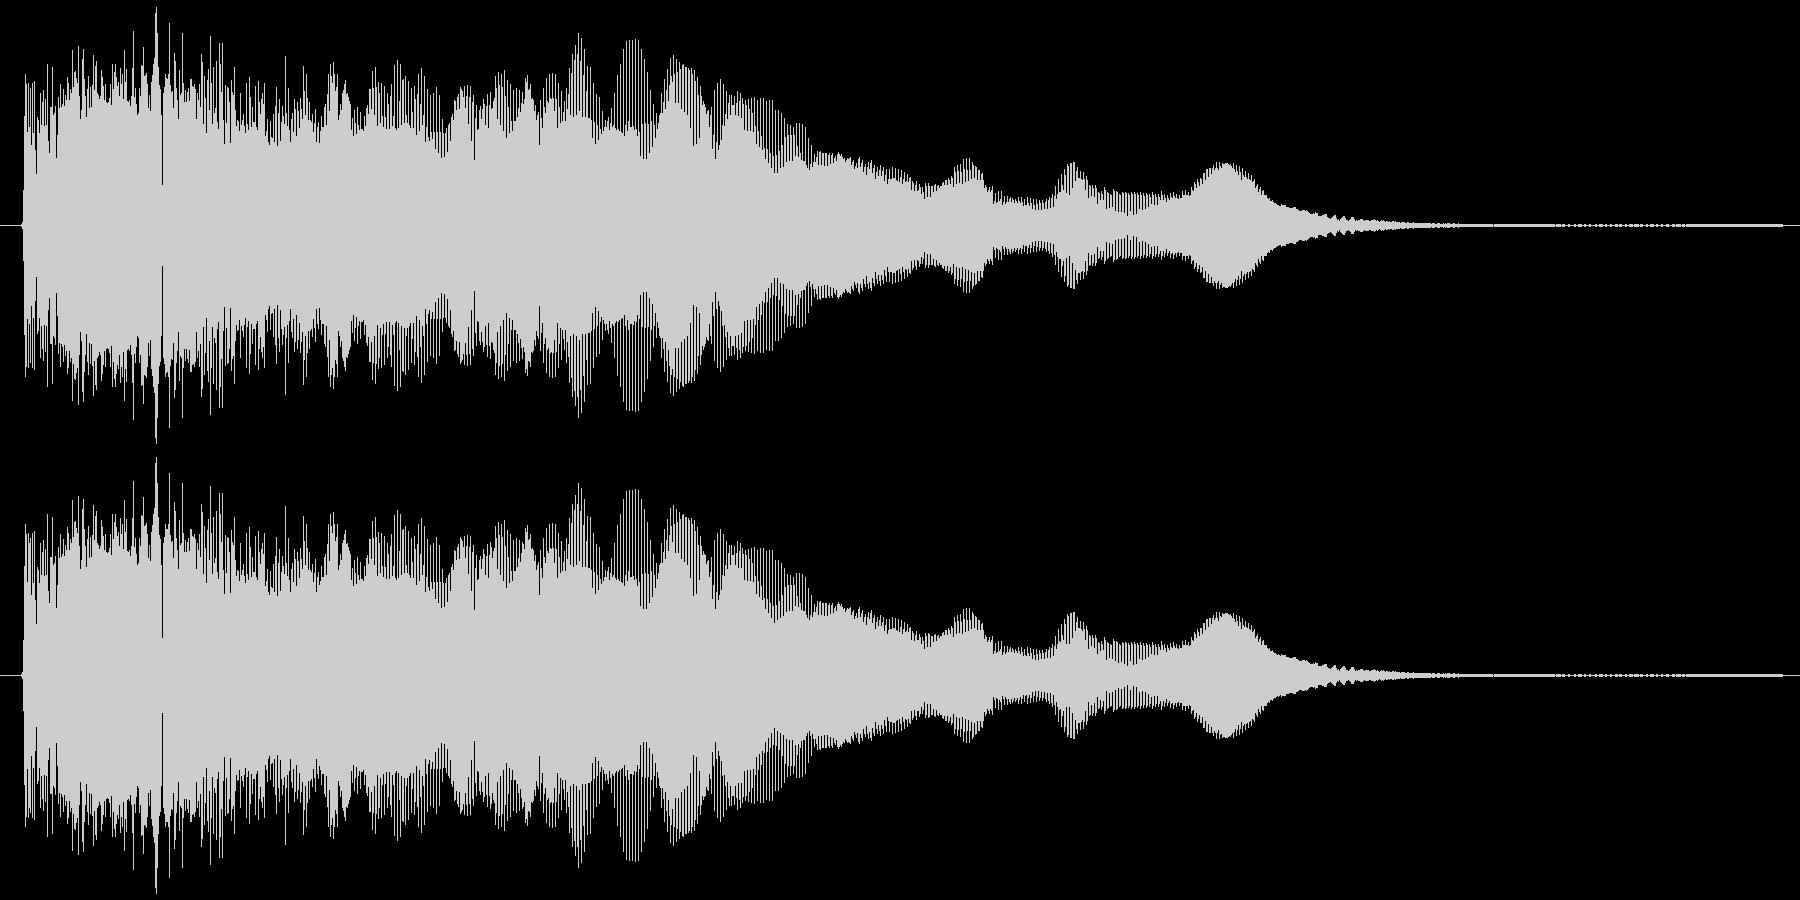 ウィーウィーン(電子音)の未再生の波形